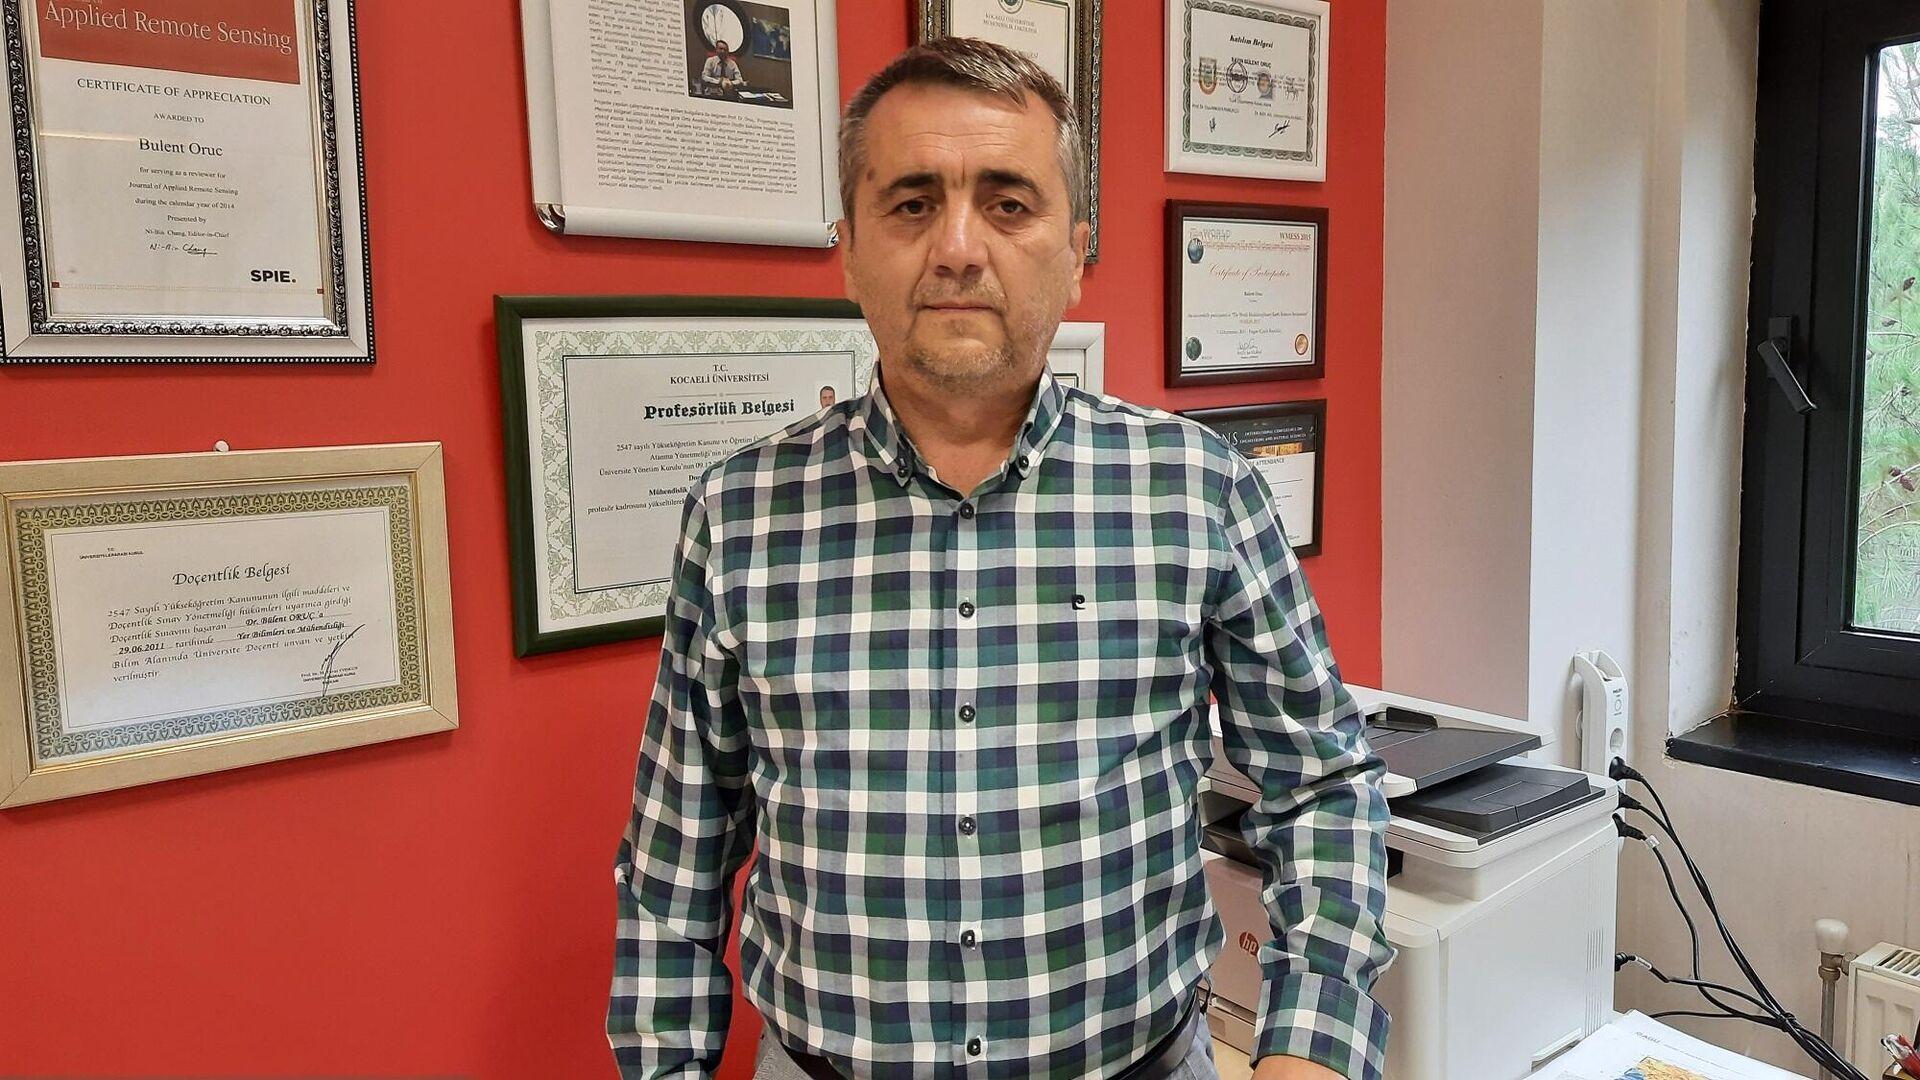 Kocaeli Üniversitesi Mühendislik Fakültesi Jeofizik Mühendisliği Bölüm Başkanı Prof. Dr. Bülent Oruç - Sputnik Türkiye, 1920, 24.09.2021